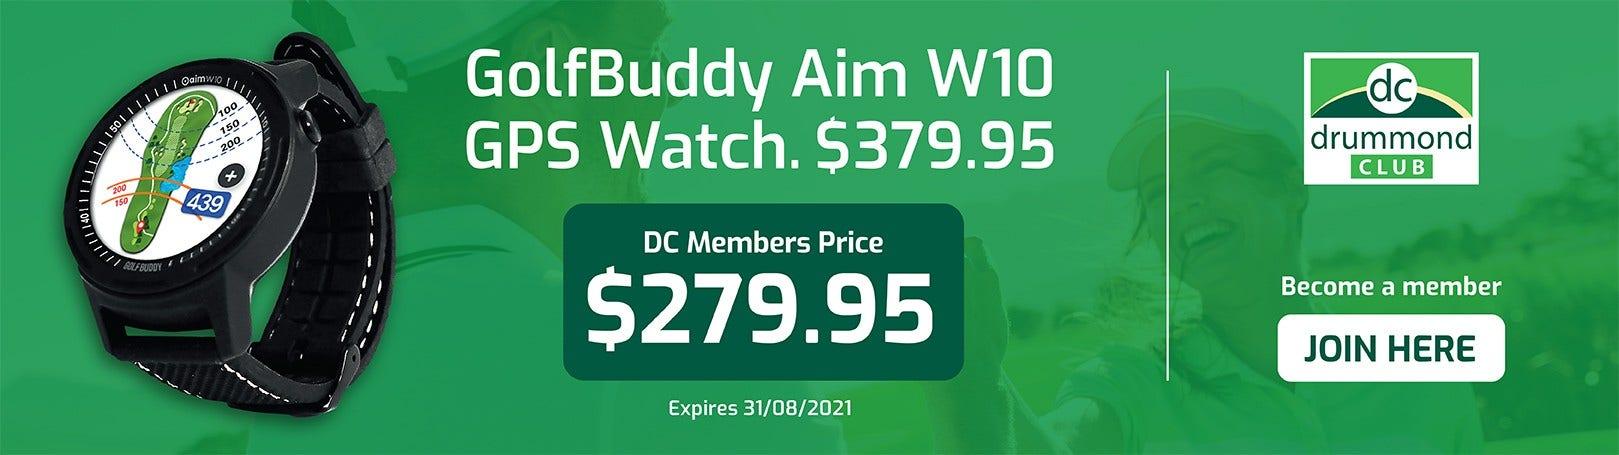 Golfbuddy DC Deal